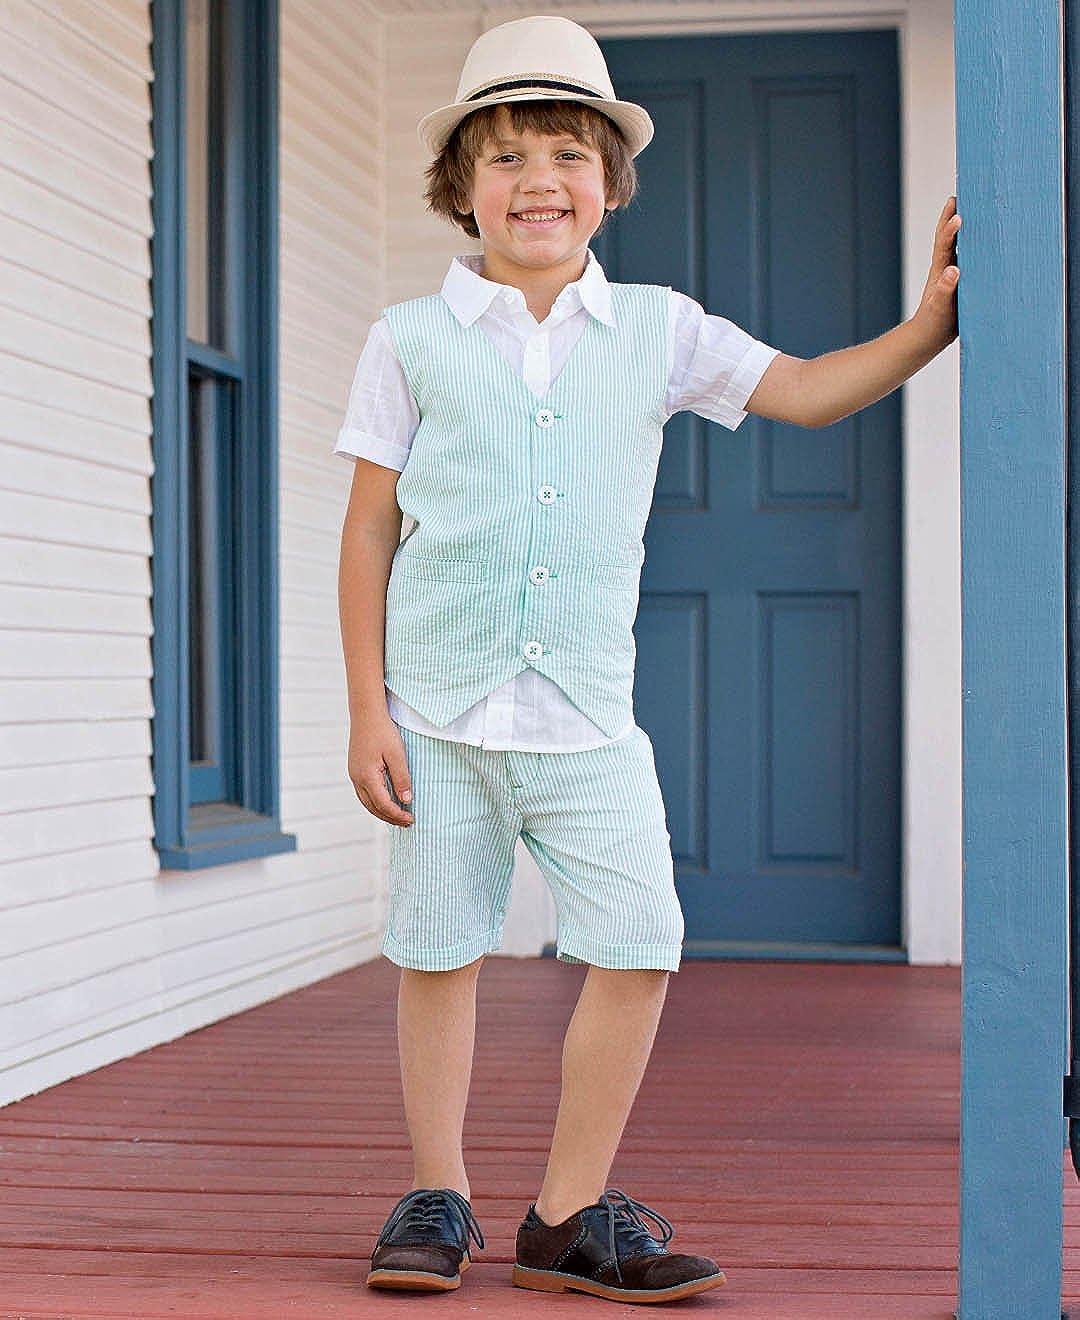 RuggedButts Little Boys Lightweight Seersucker Vest BVWYYXX-0000-SC-TDLR